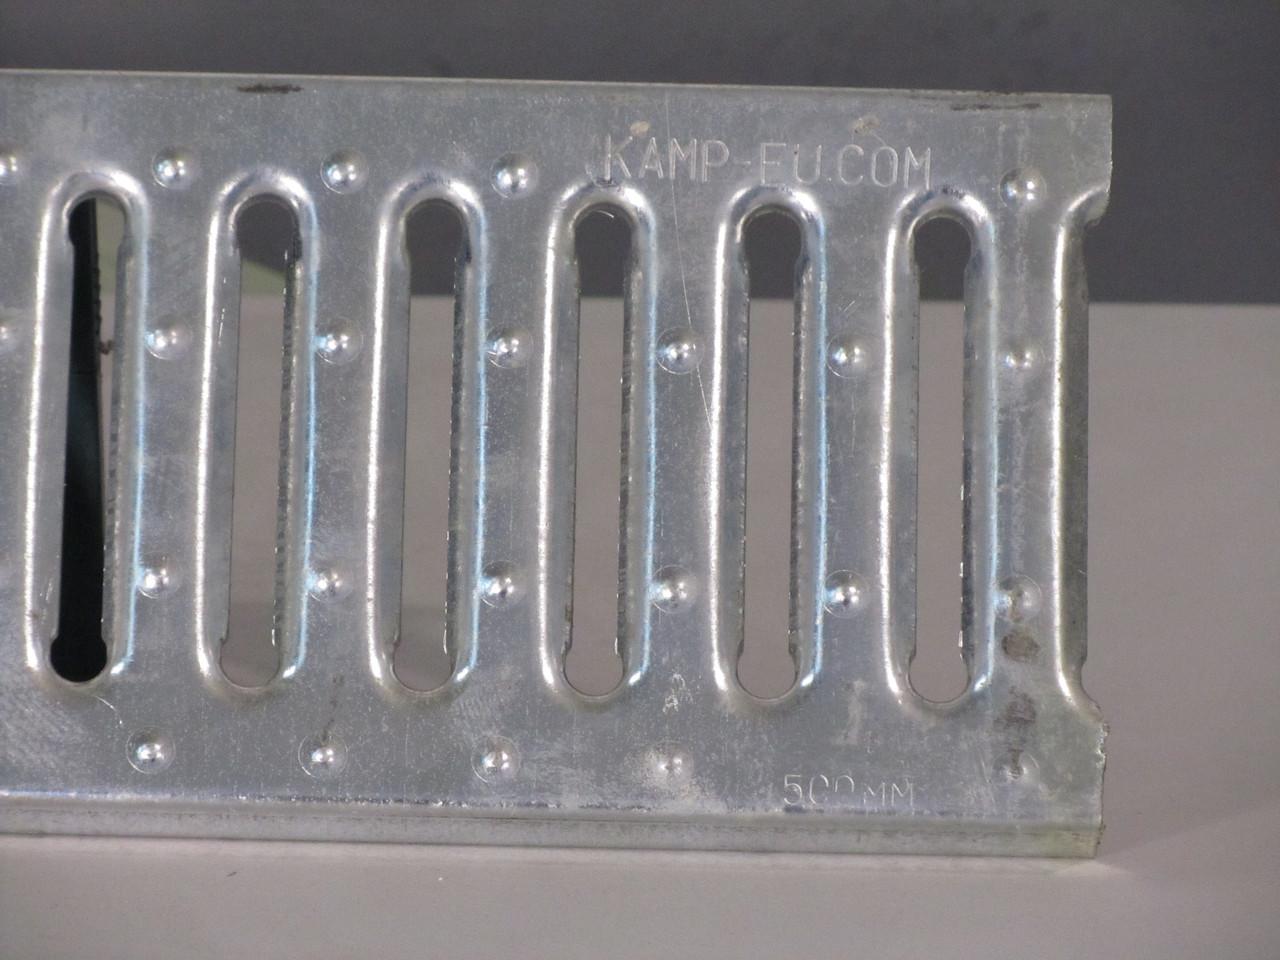 Усиленая дренажная стальная решетка, ливневая решетка, стандартпарк гидролика standartpark